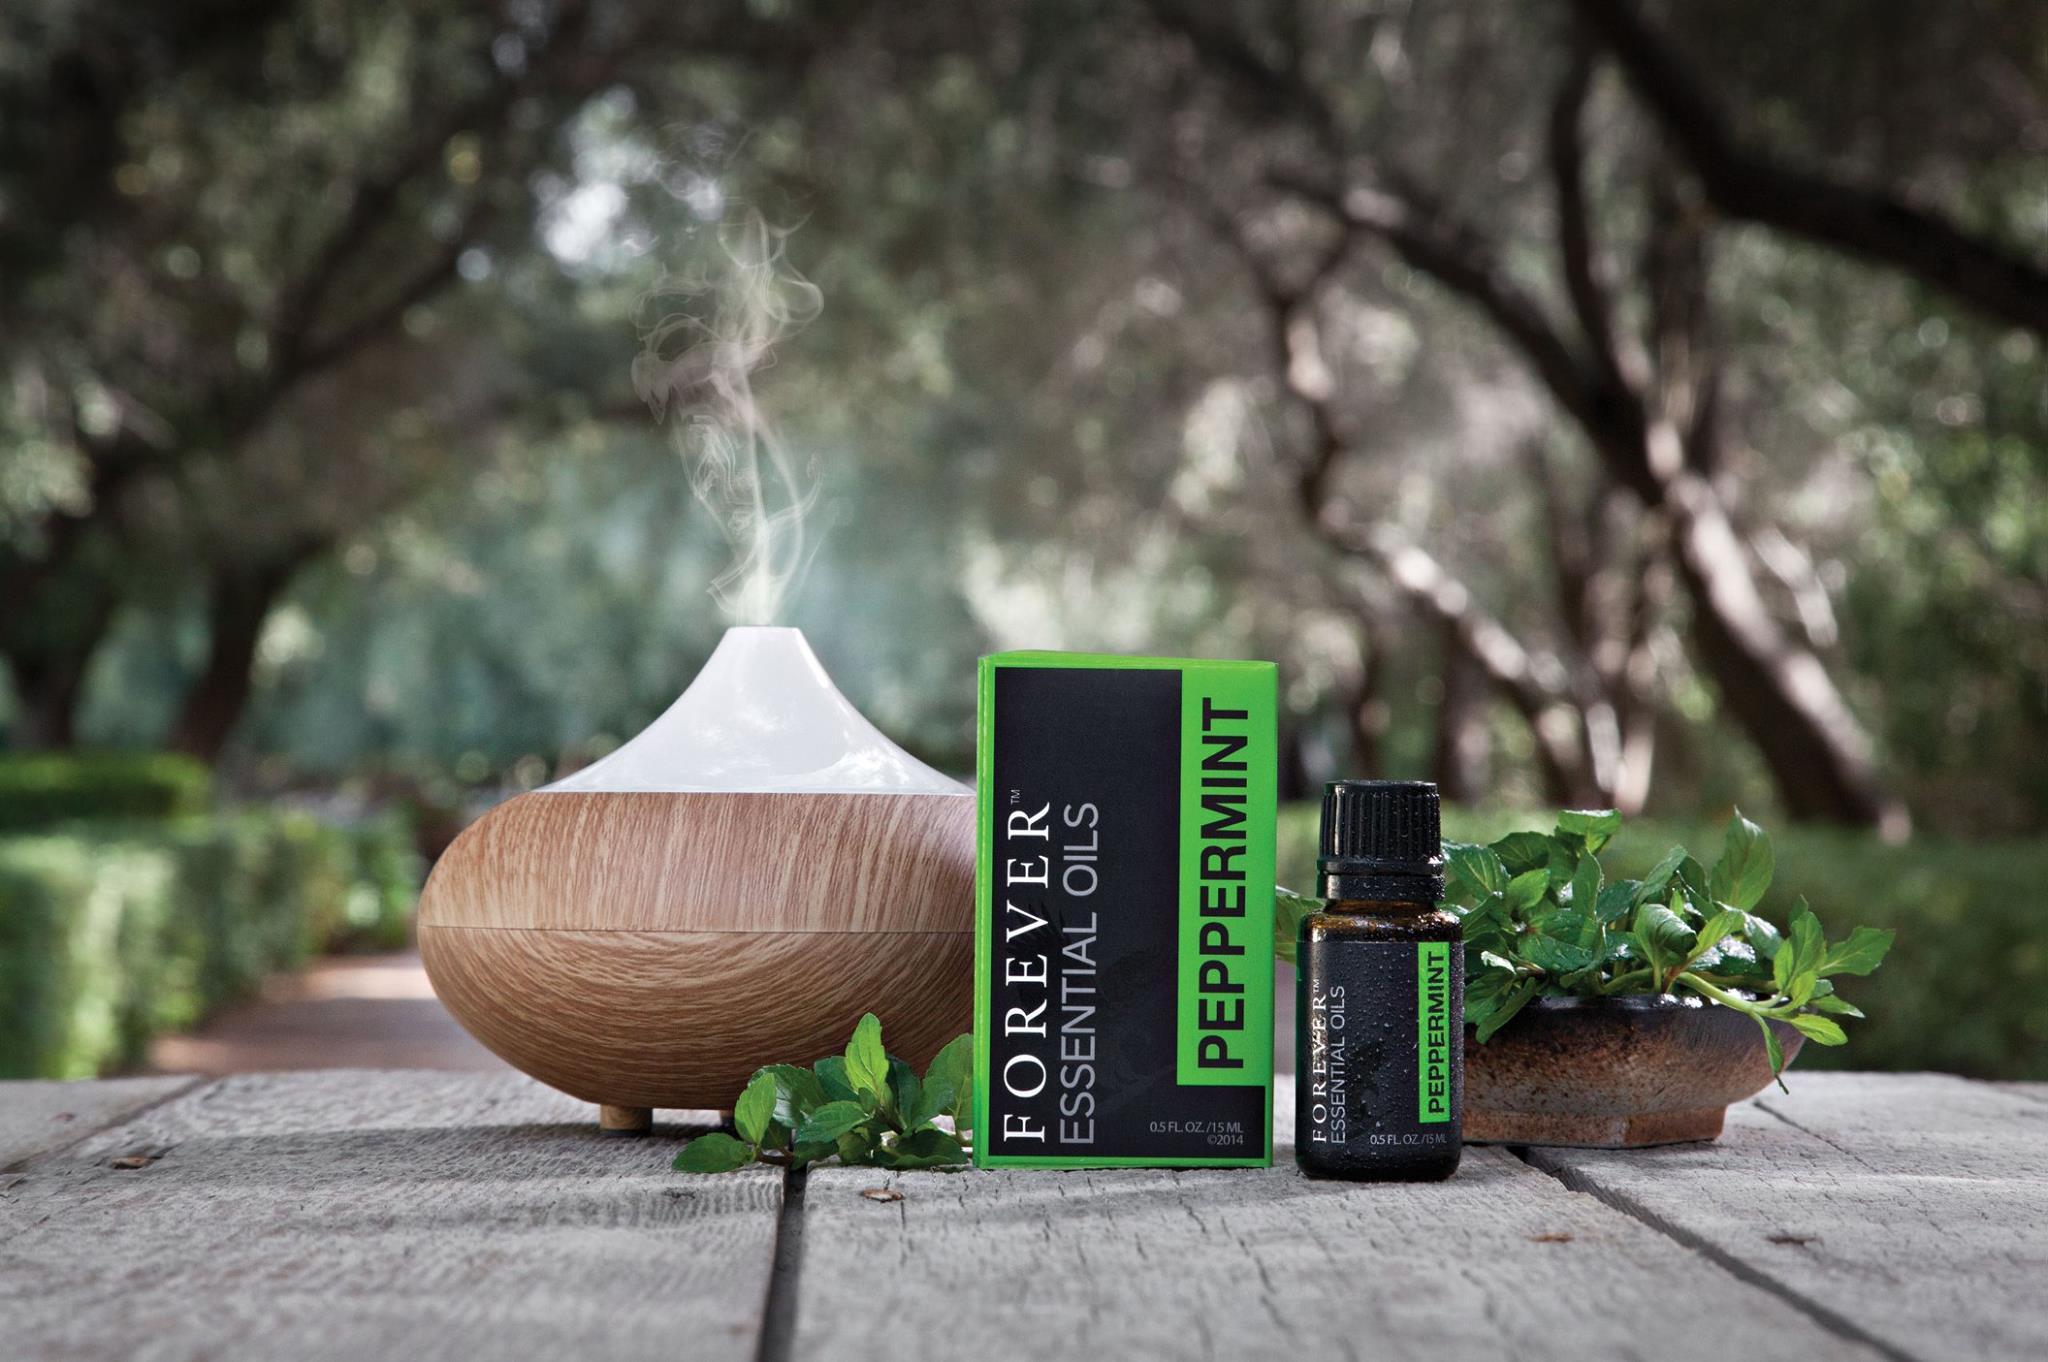 ca9937d3e27 ... Piparmündi eeterlik õli / Lehekülg 1. Peppermint Essential Oils